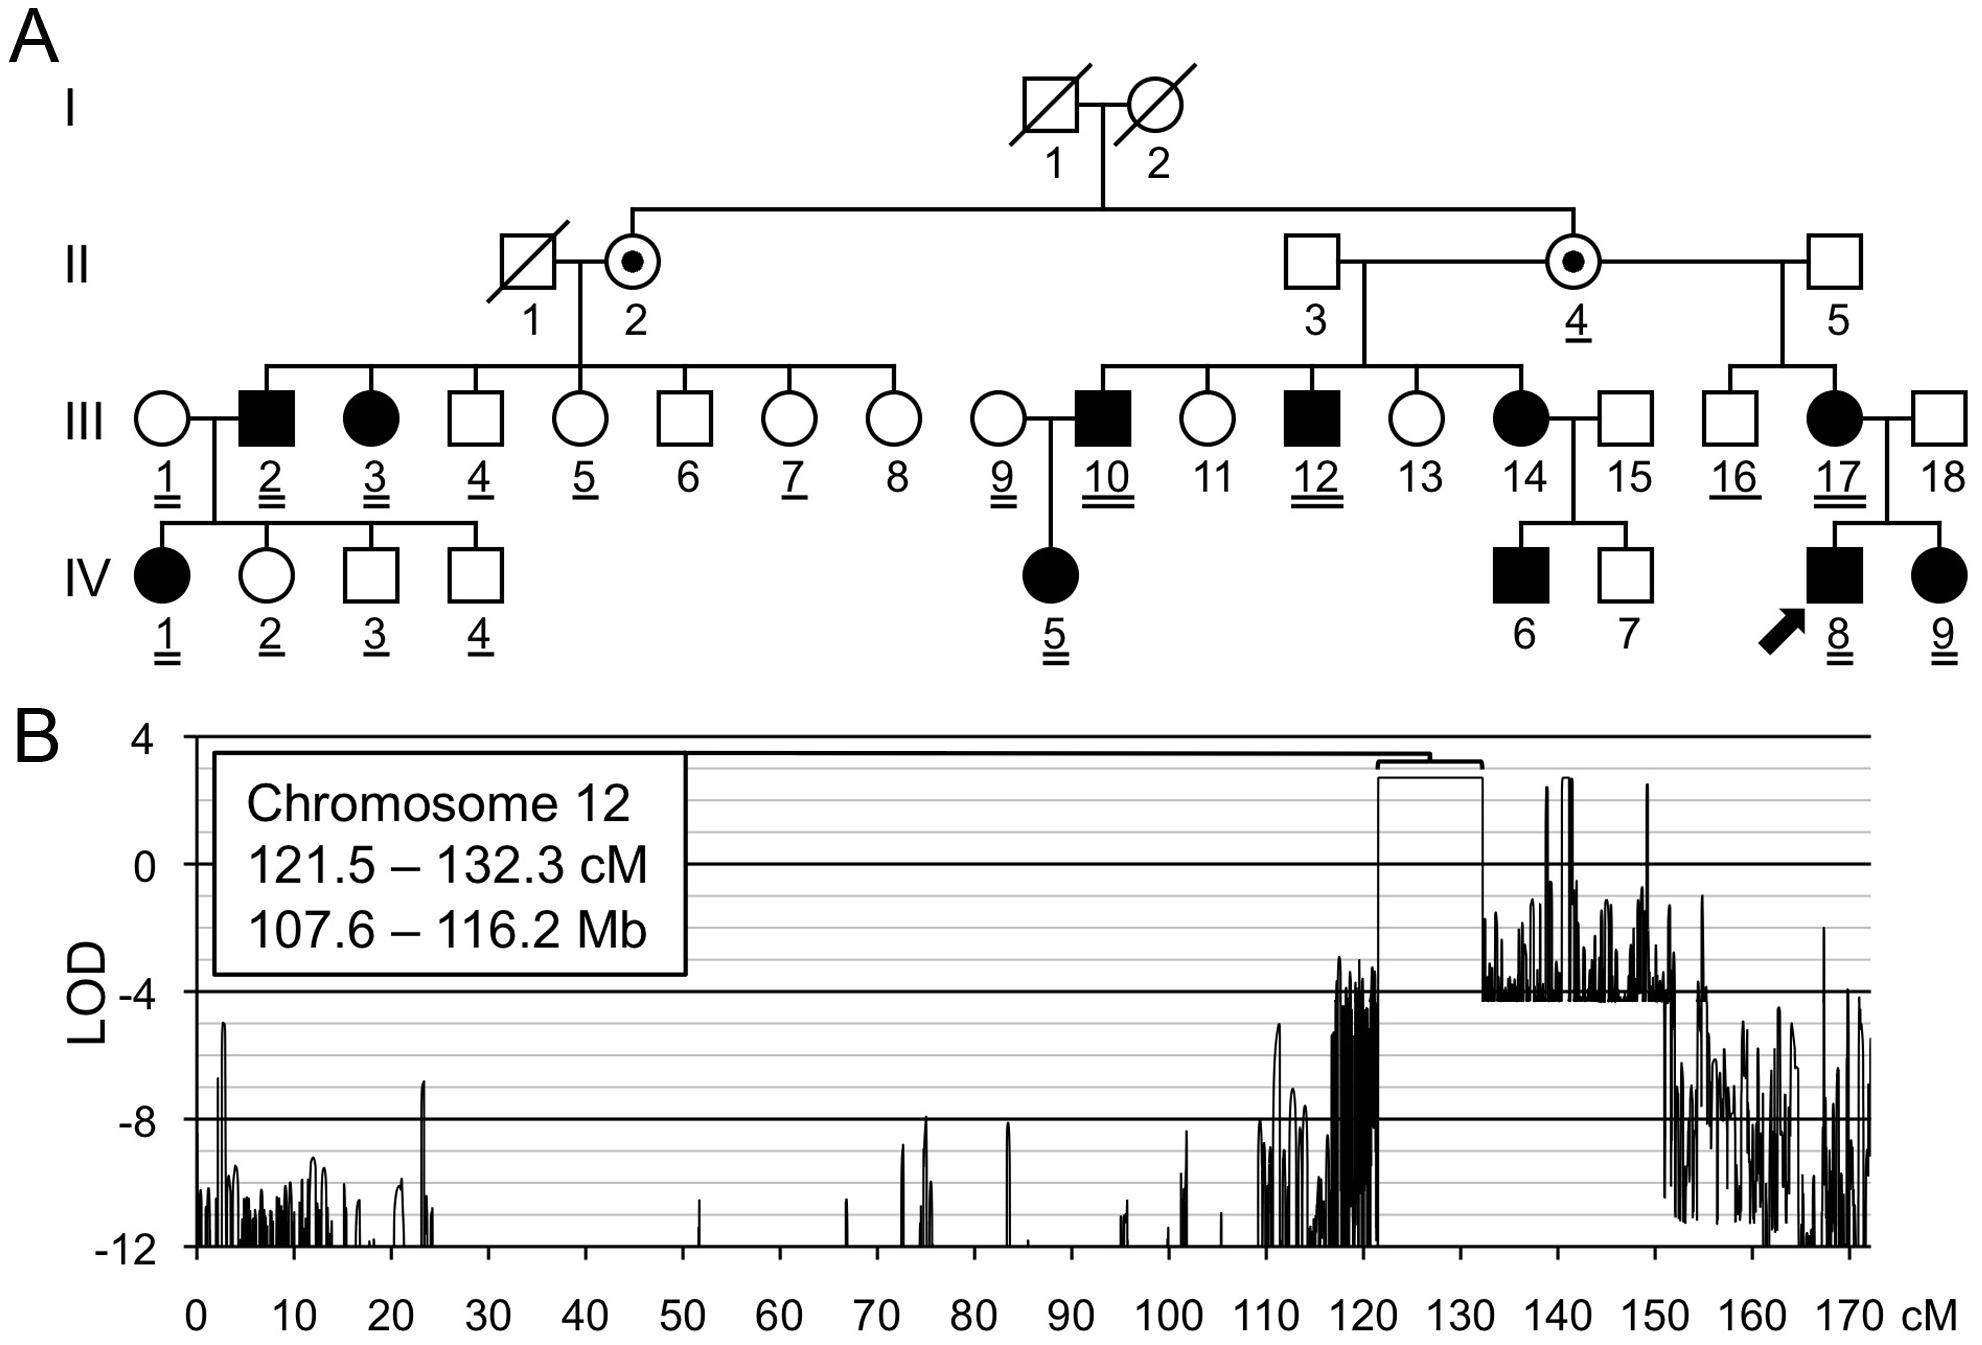 Linkage mapping of metachondromatosis to chromosome 12q.